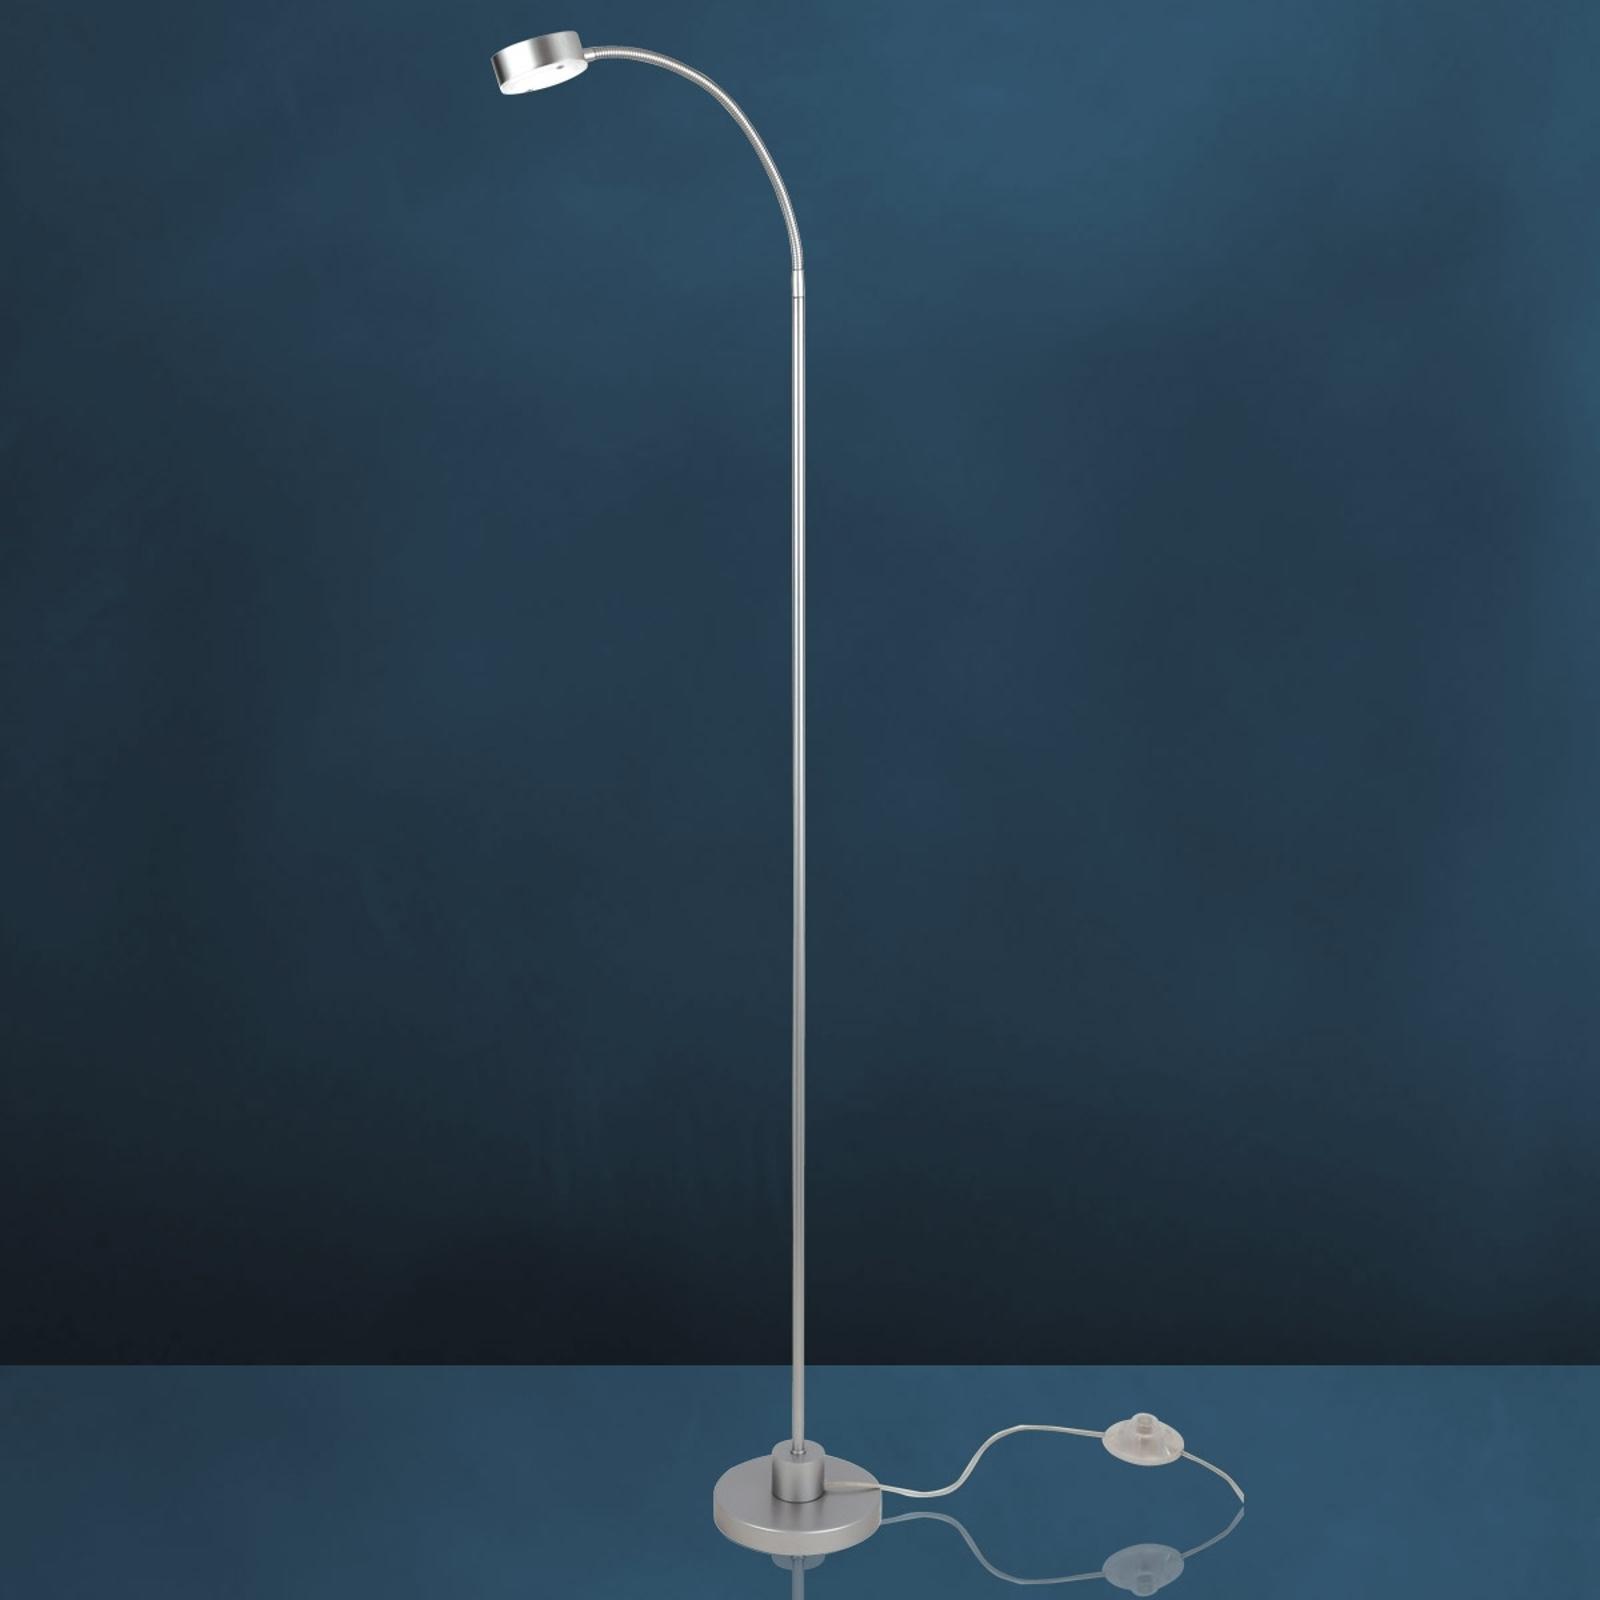 Flexibilní stojací lampa LED SATURN, 1zdrojová